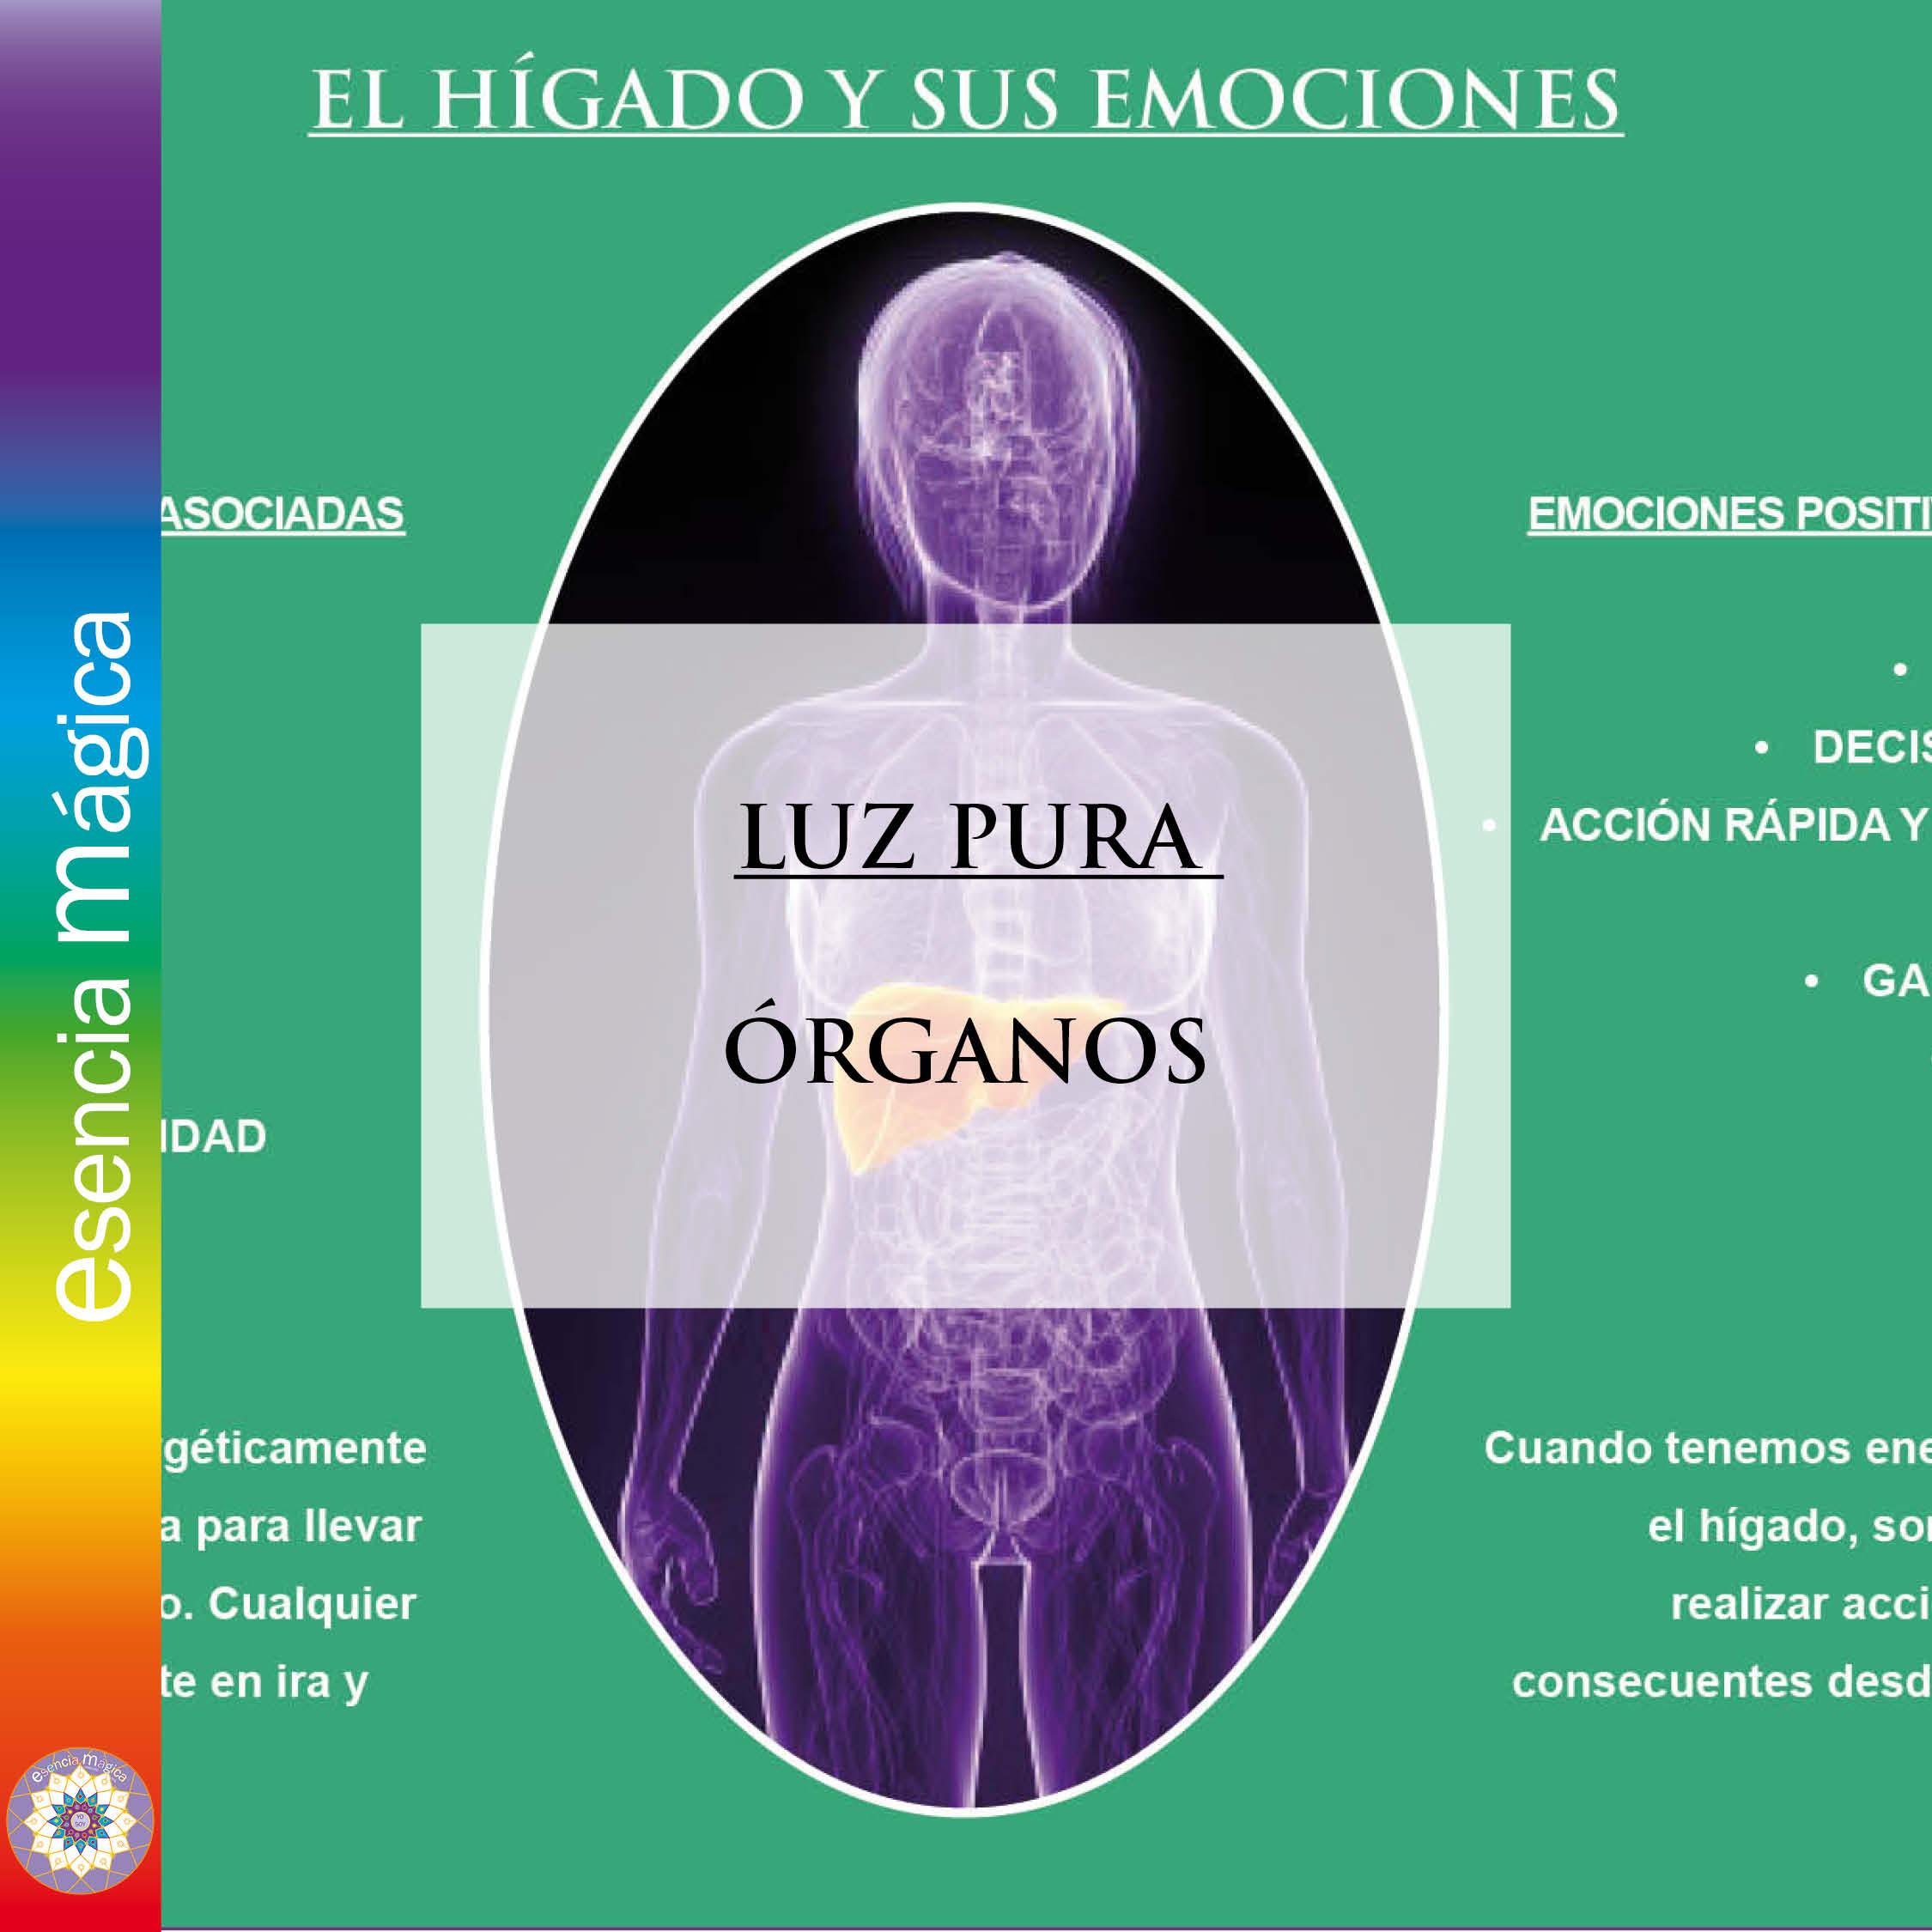 Luz Pura organos